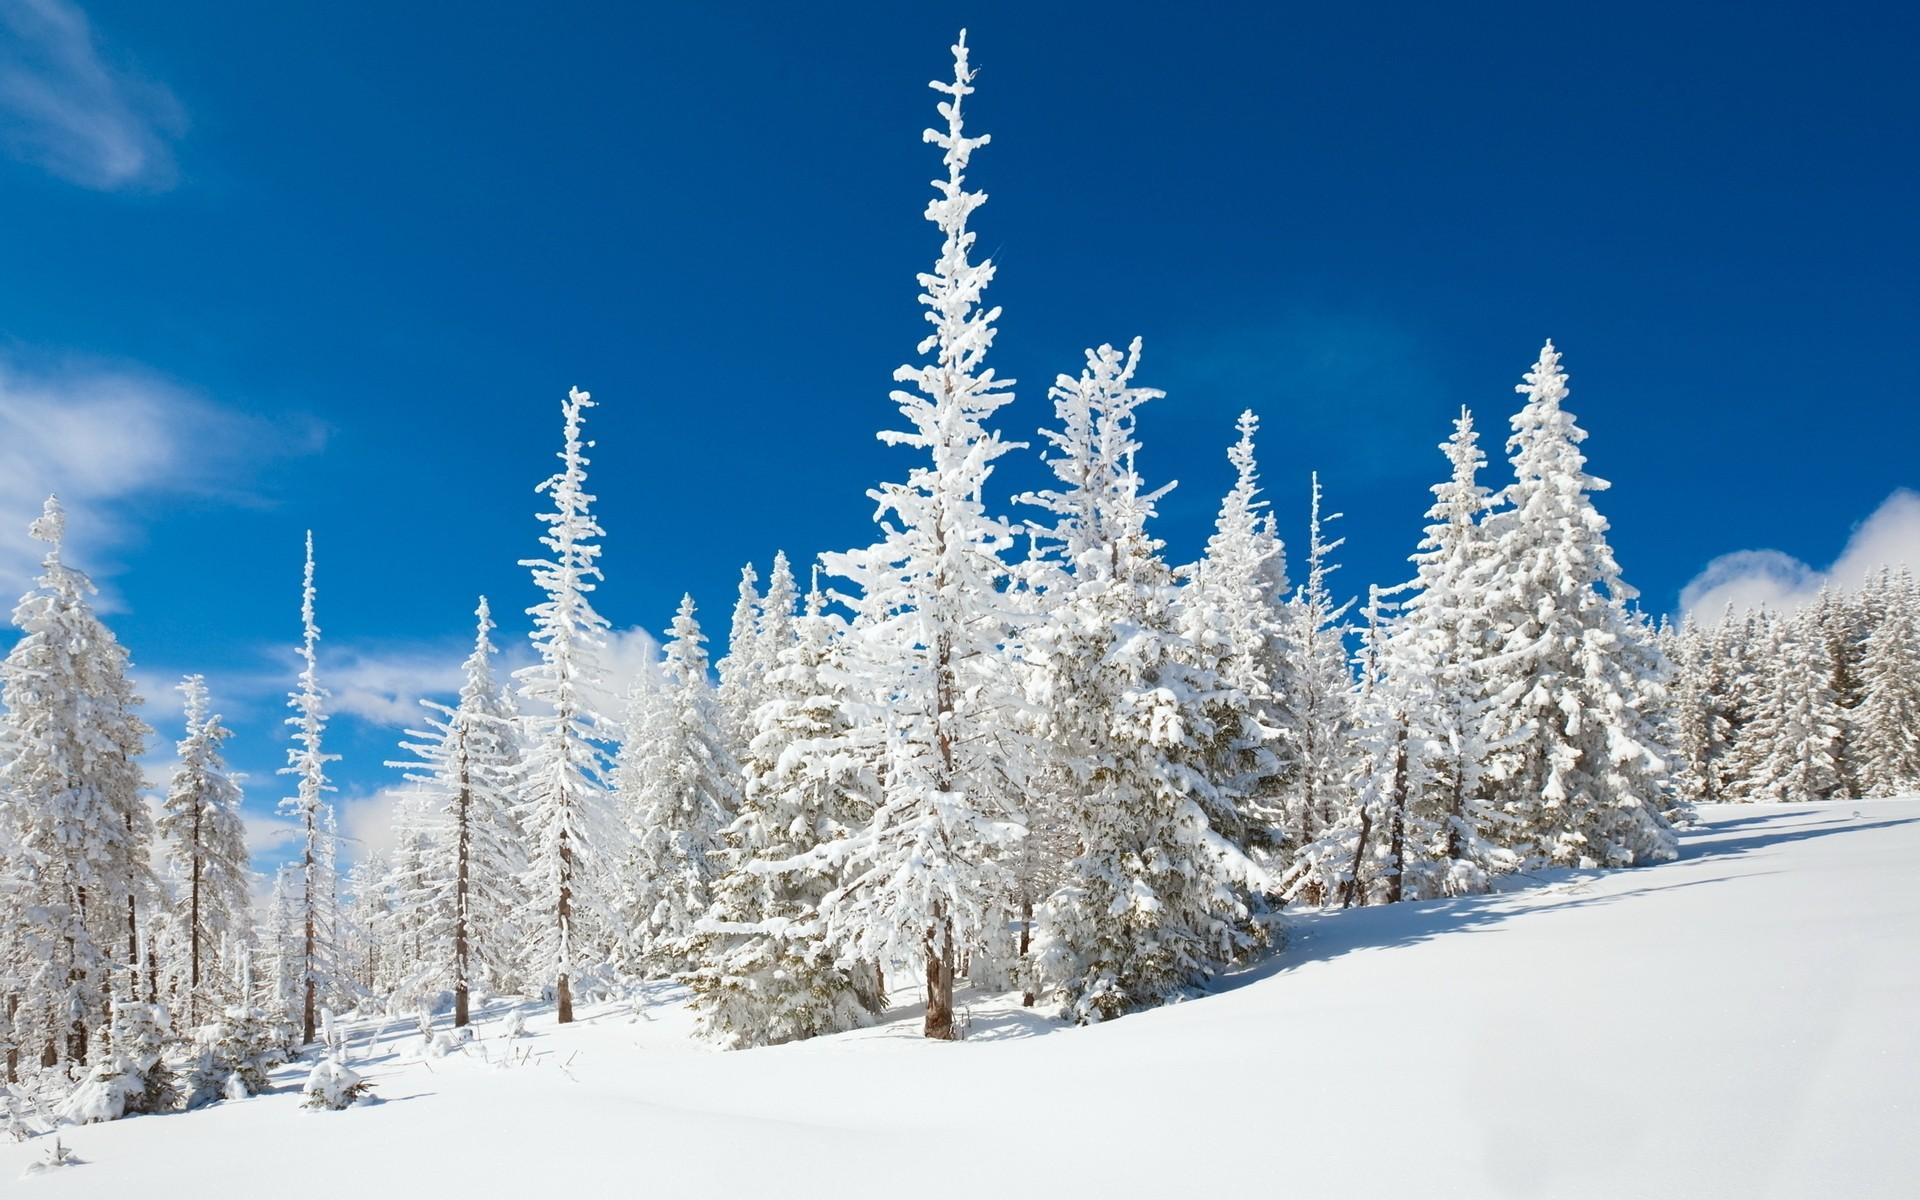 картинки на рабочий стол красота зима большие заменить оливковым